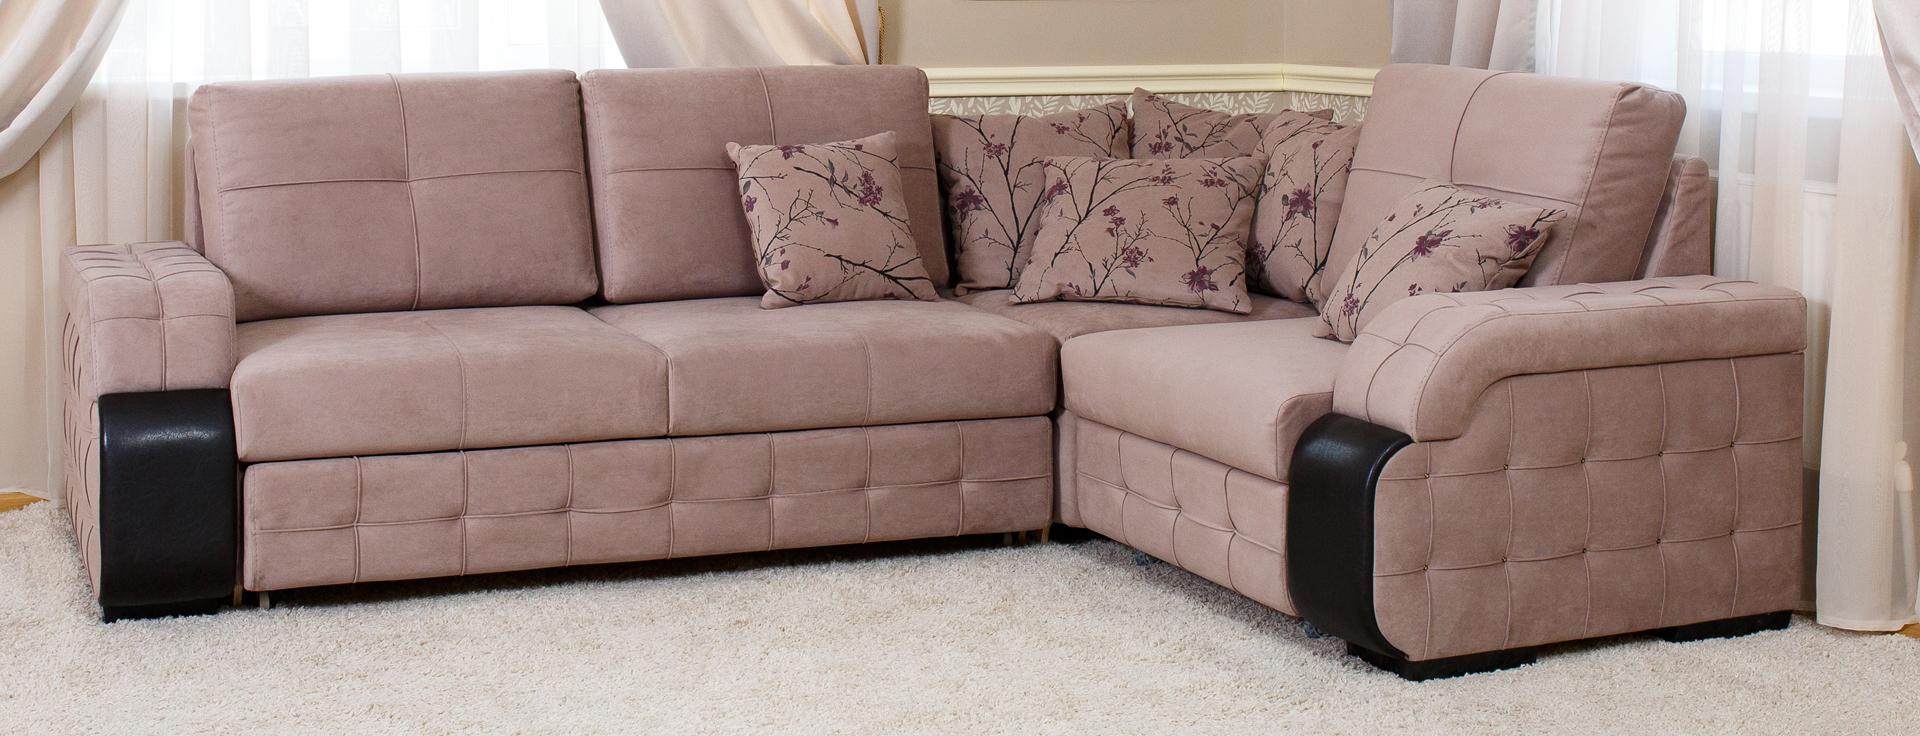 лайт угловой диван краснодар купить по цене 42000 руб фото размеры